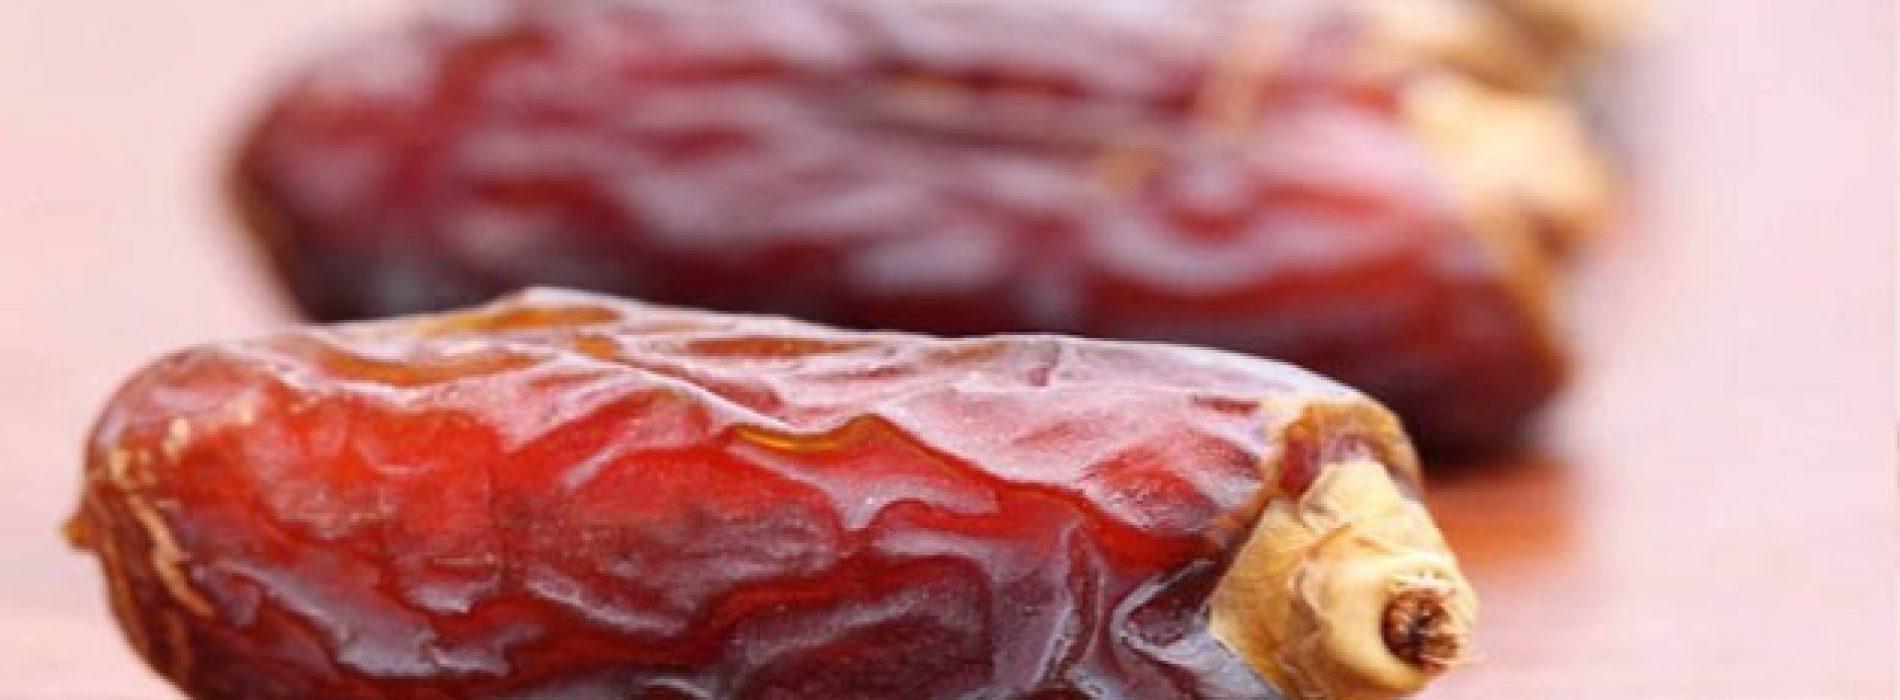 De gezondste voedselsoort ter wereld: het kan de cholesterolgehalte en de bloeddruk verlagen en een hartaanval en beroerte voorkomen!